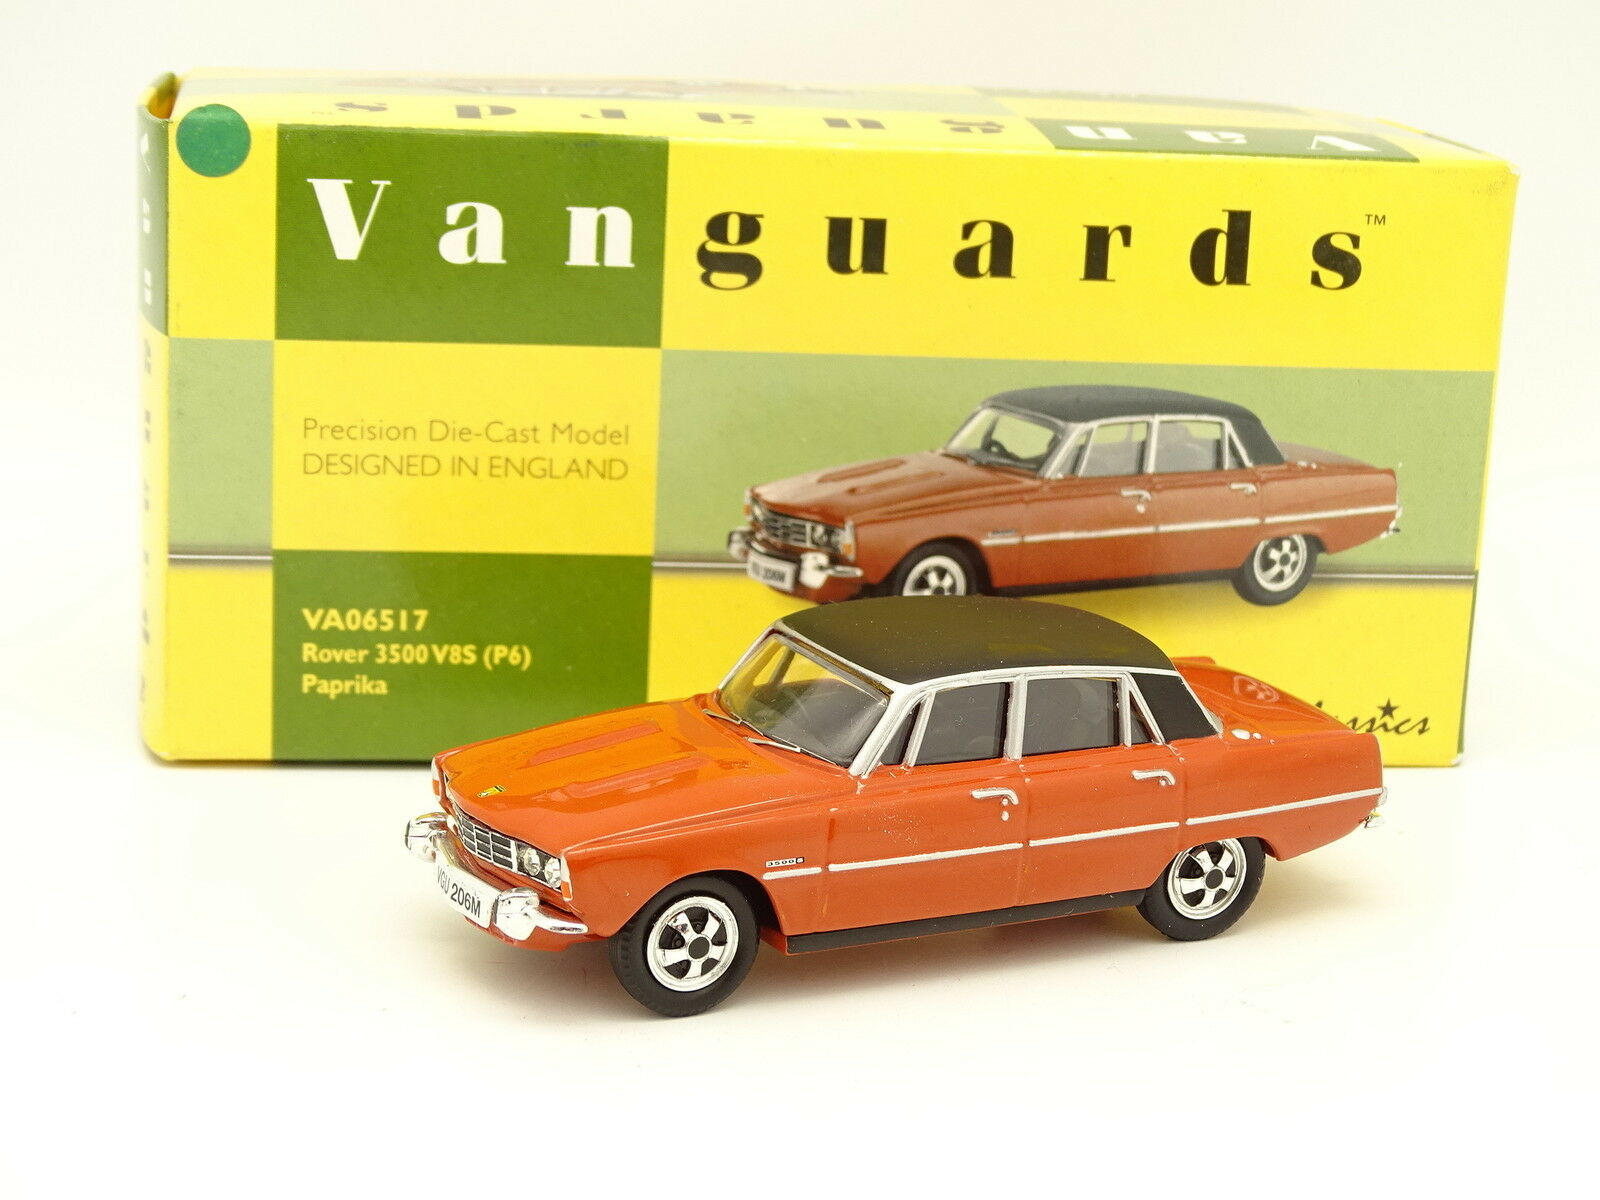 Vanguards 1 43 - Rover 3500  V8 S P6 Paprika  grand choix et livraison rapide